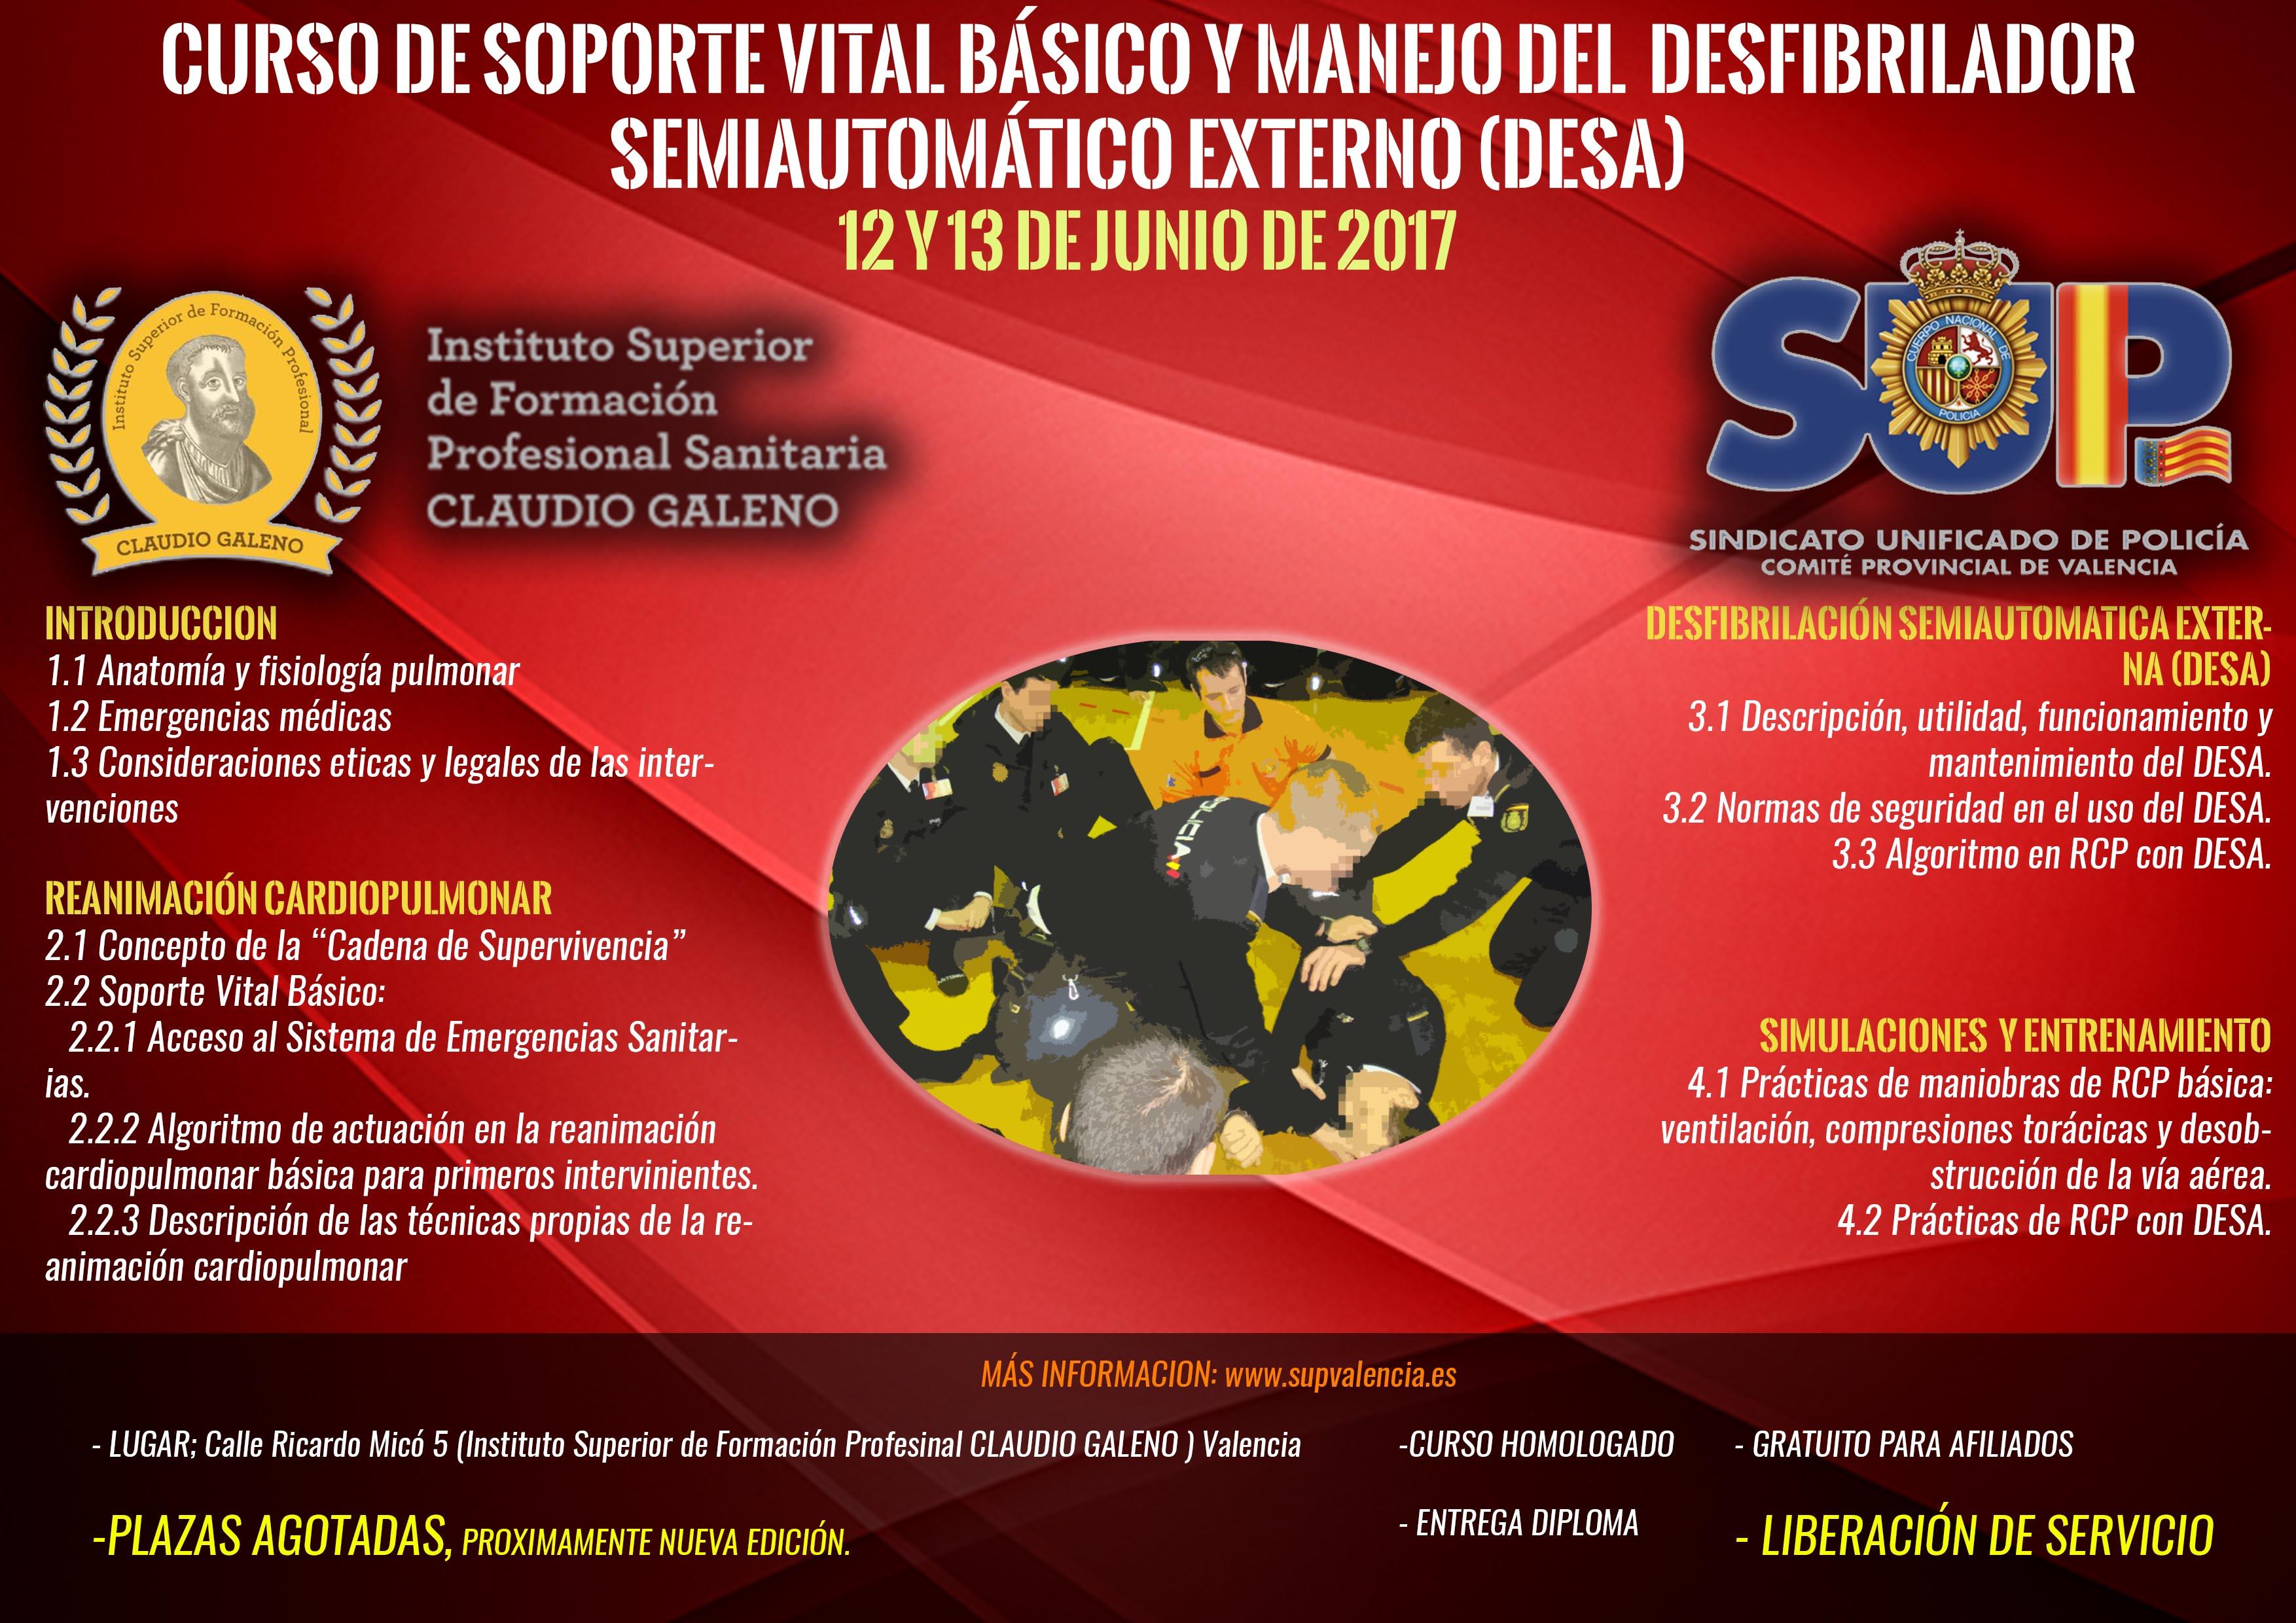 curso RCP Y DESAweb